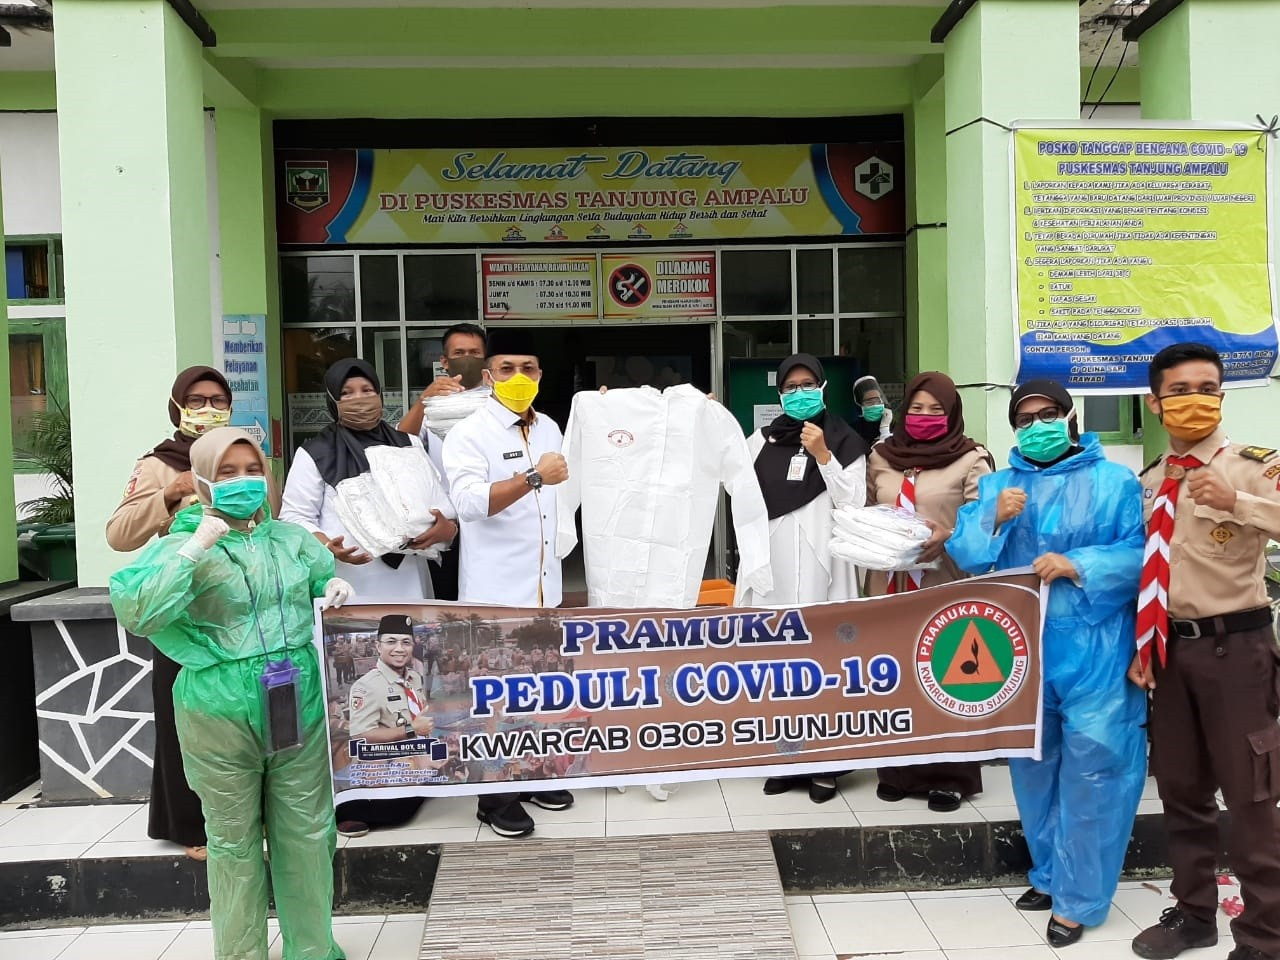 Bakti Pramuka Peduli Sijunjung Di Tengah Pandemi